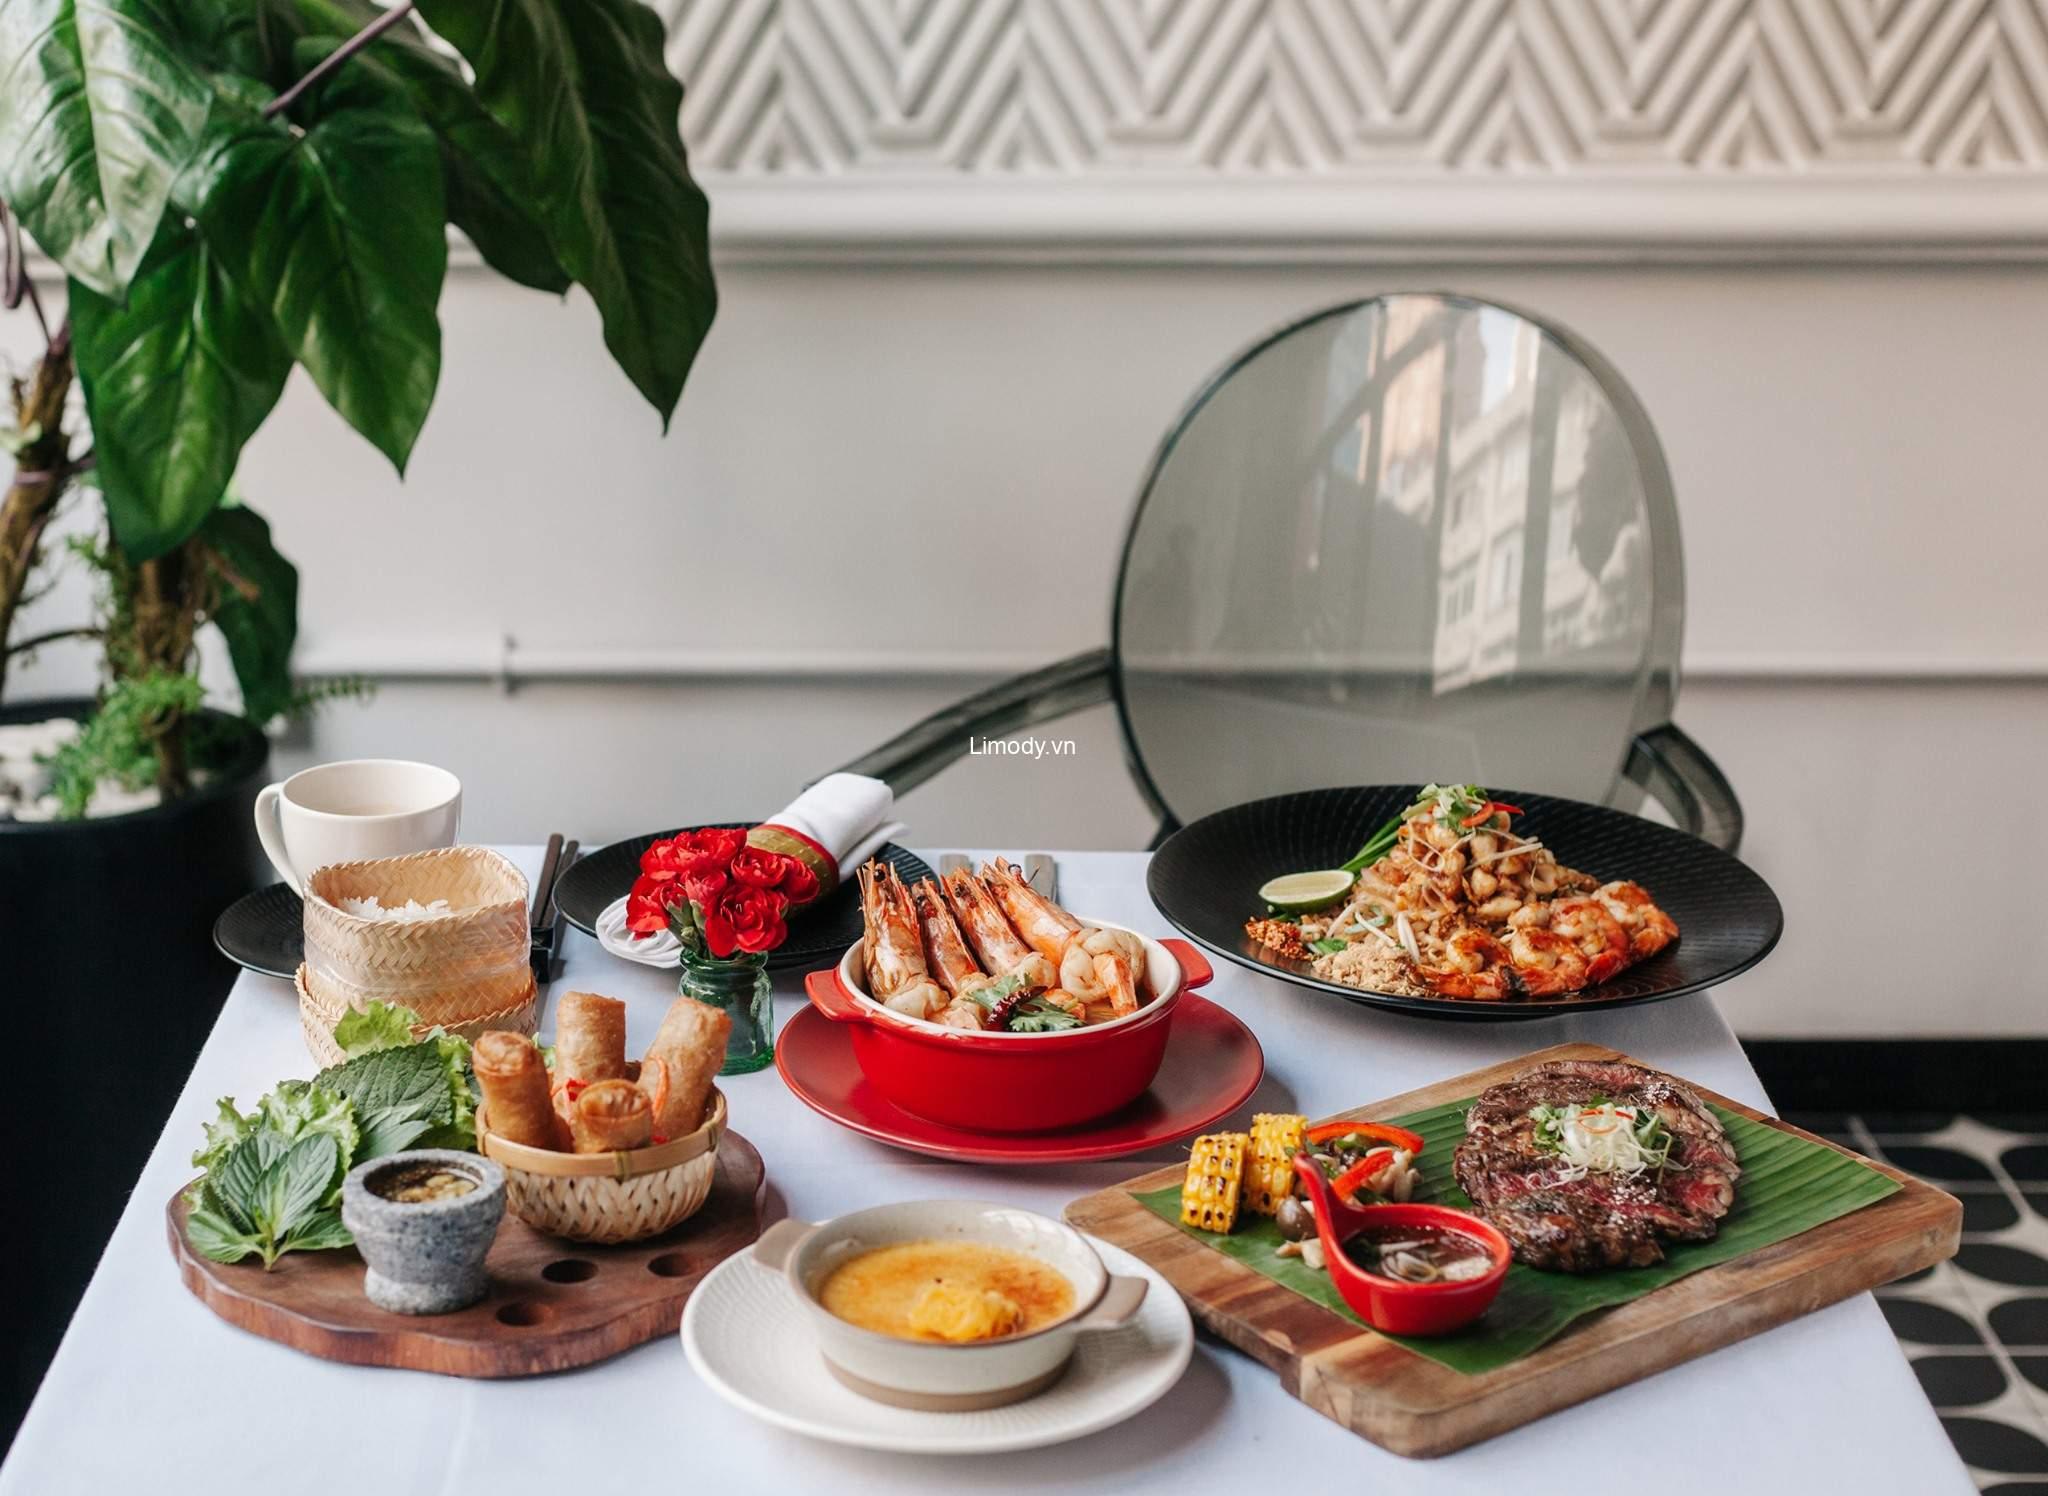 Top 20 Món ngon, nhà hàng quán ăn ngon quận 1 giá rẻ nổi tiếng nhất